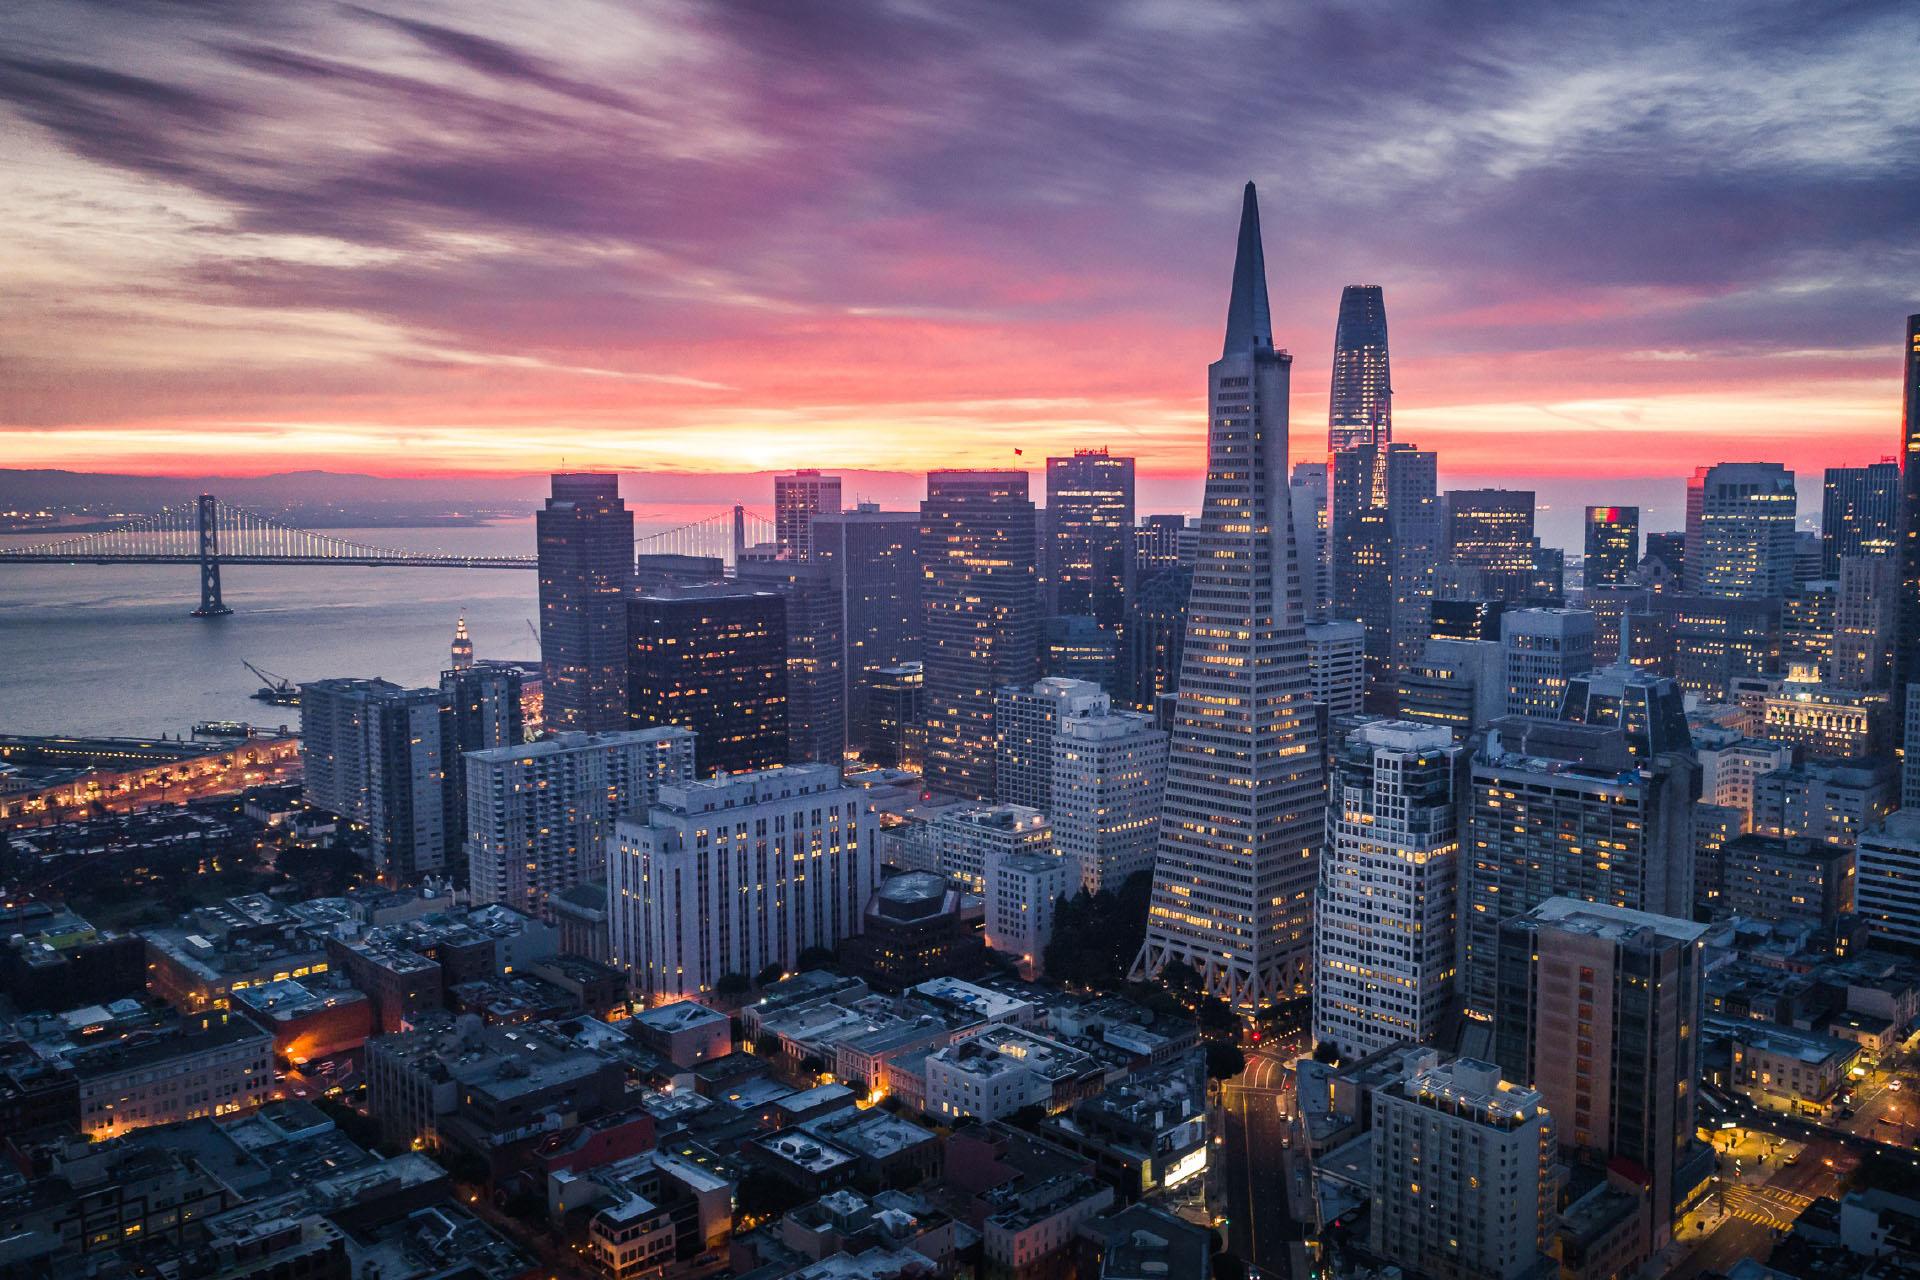 朝のサンフランシスコ アメリカの風景